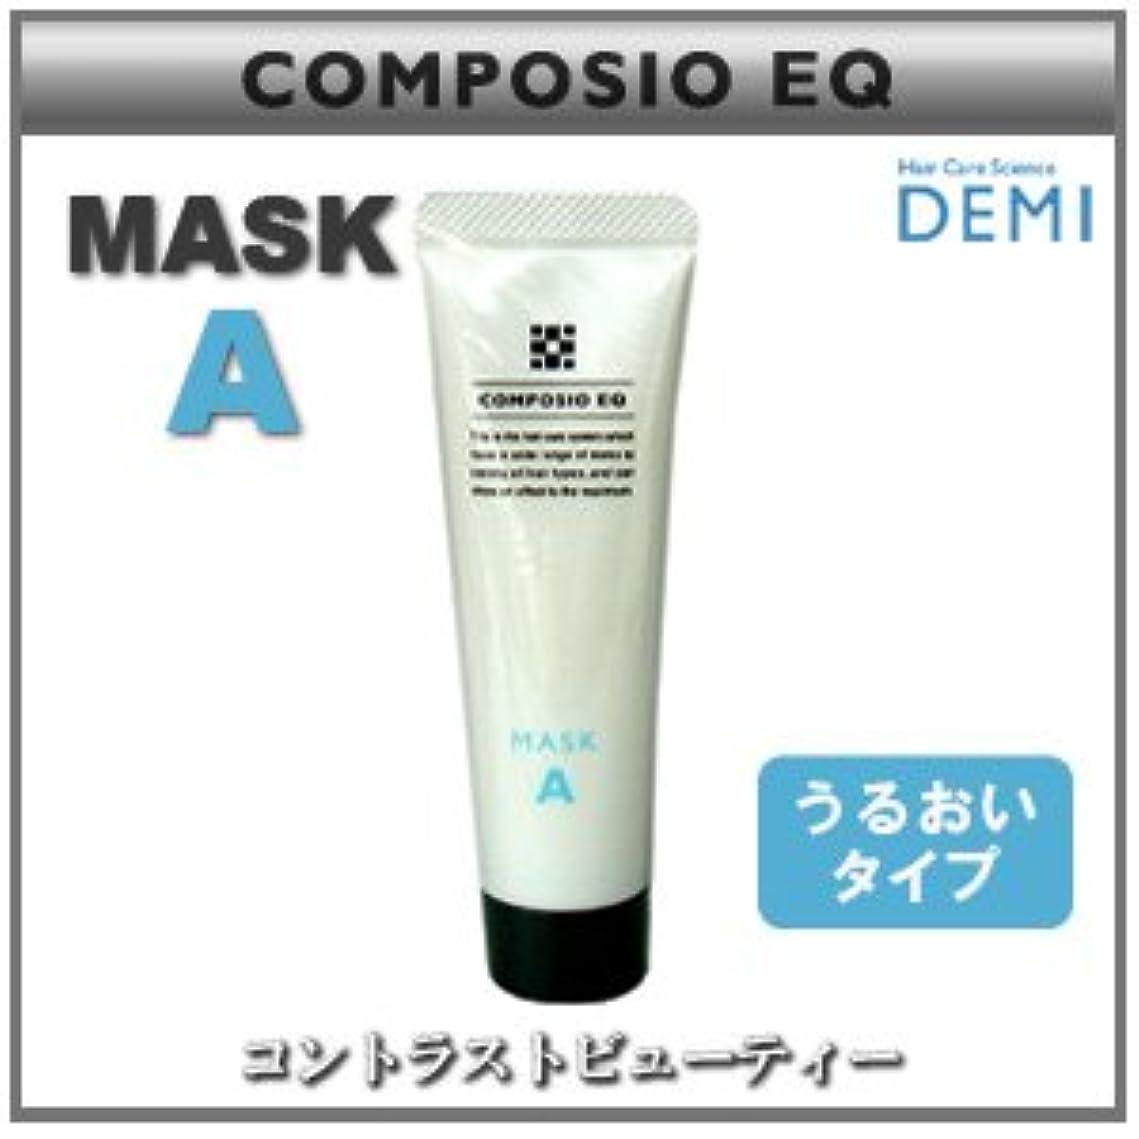 バレエ意味のある落ち着いた【X5個セット】 デミ コンポジオ EQ マスク A 50g